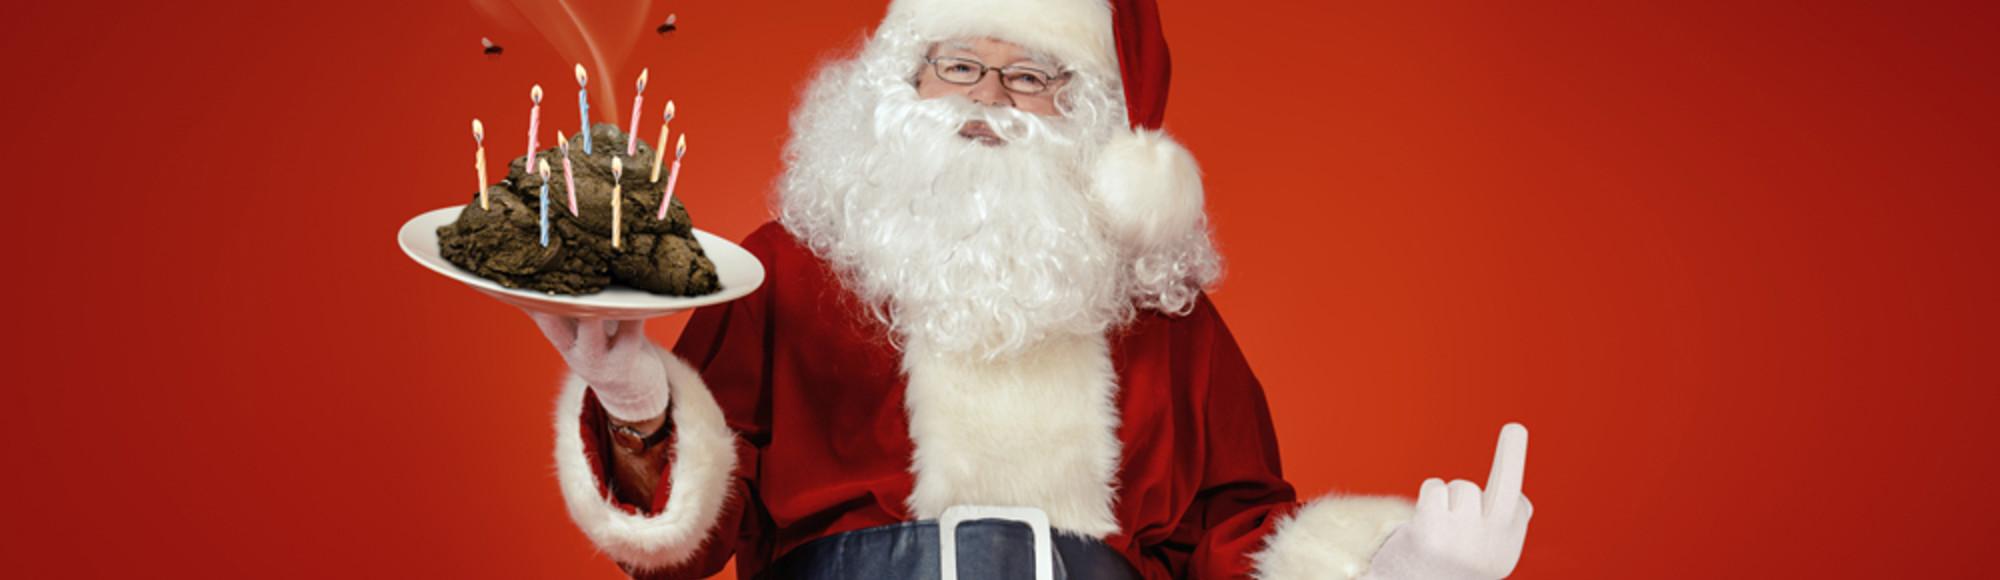 warum geburtstag an weihnachten der letzte dreck ist vice alps. Black Bedroom Furniture Sets. Home Design Ideas